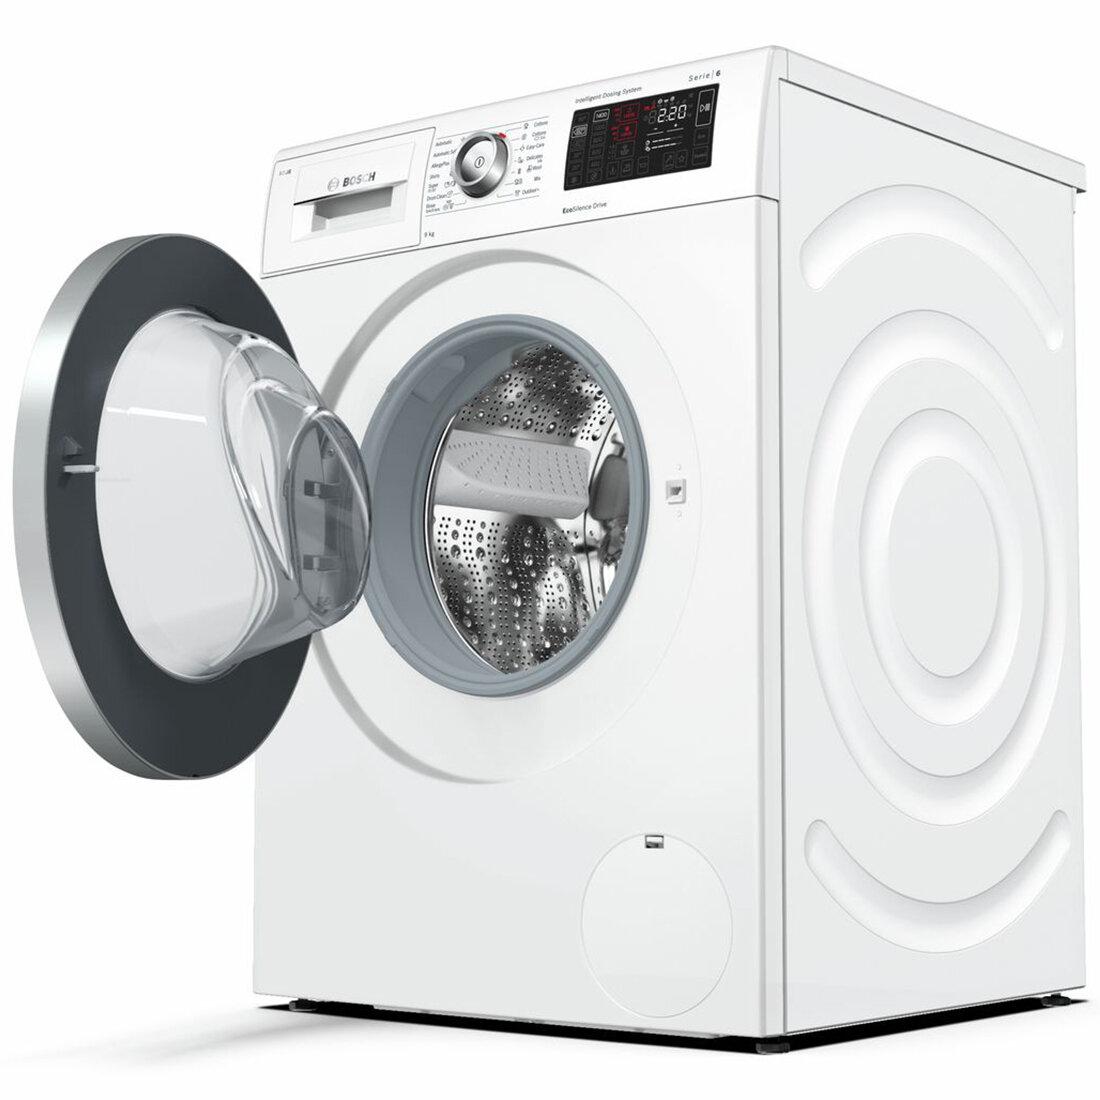 Máy giặt mang thương hiệu Bosch của Đức